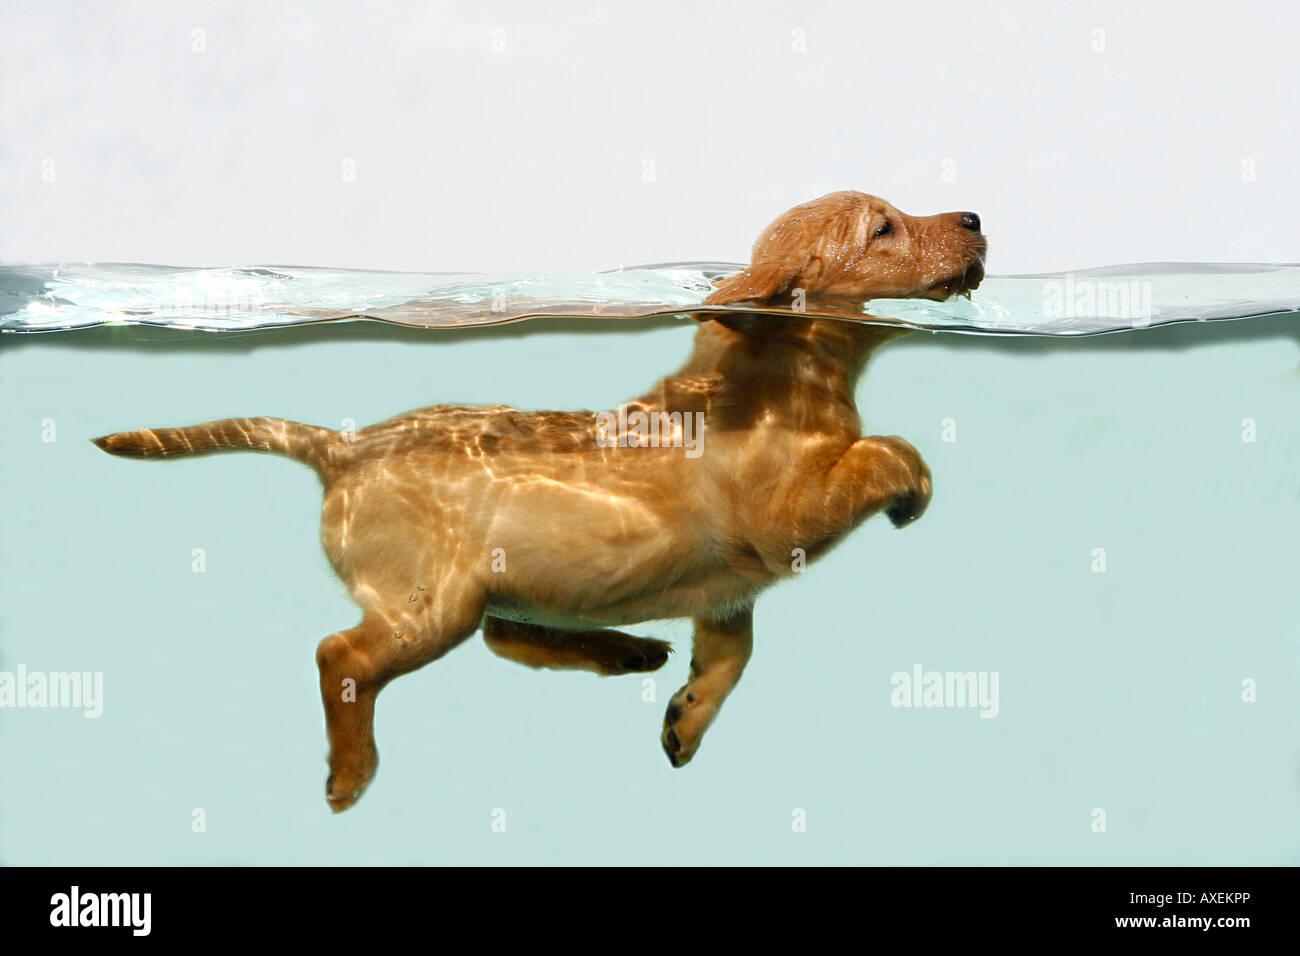 Retriever stockfotos retriever bilder alamy - Aquarium hintergrund ausdrucken ...